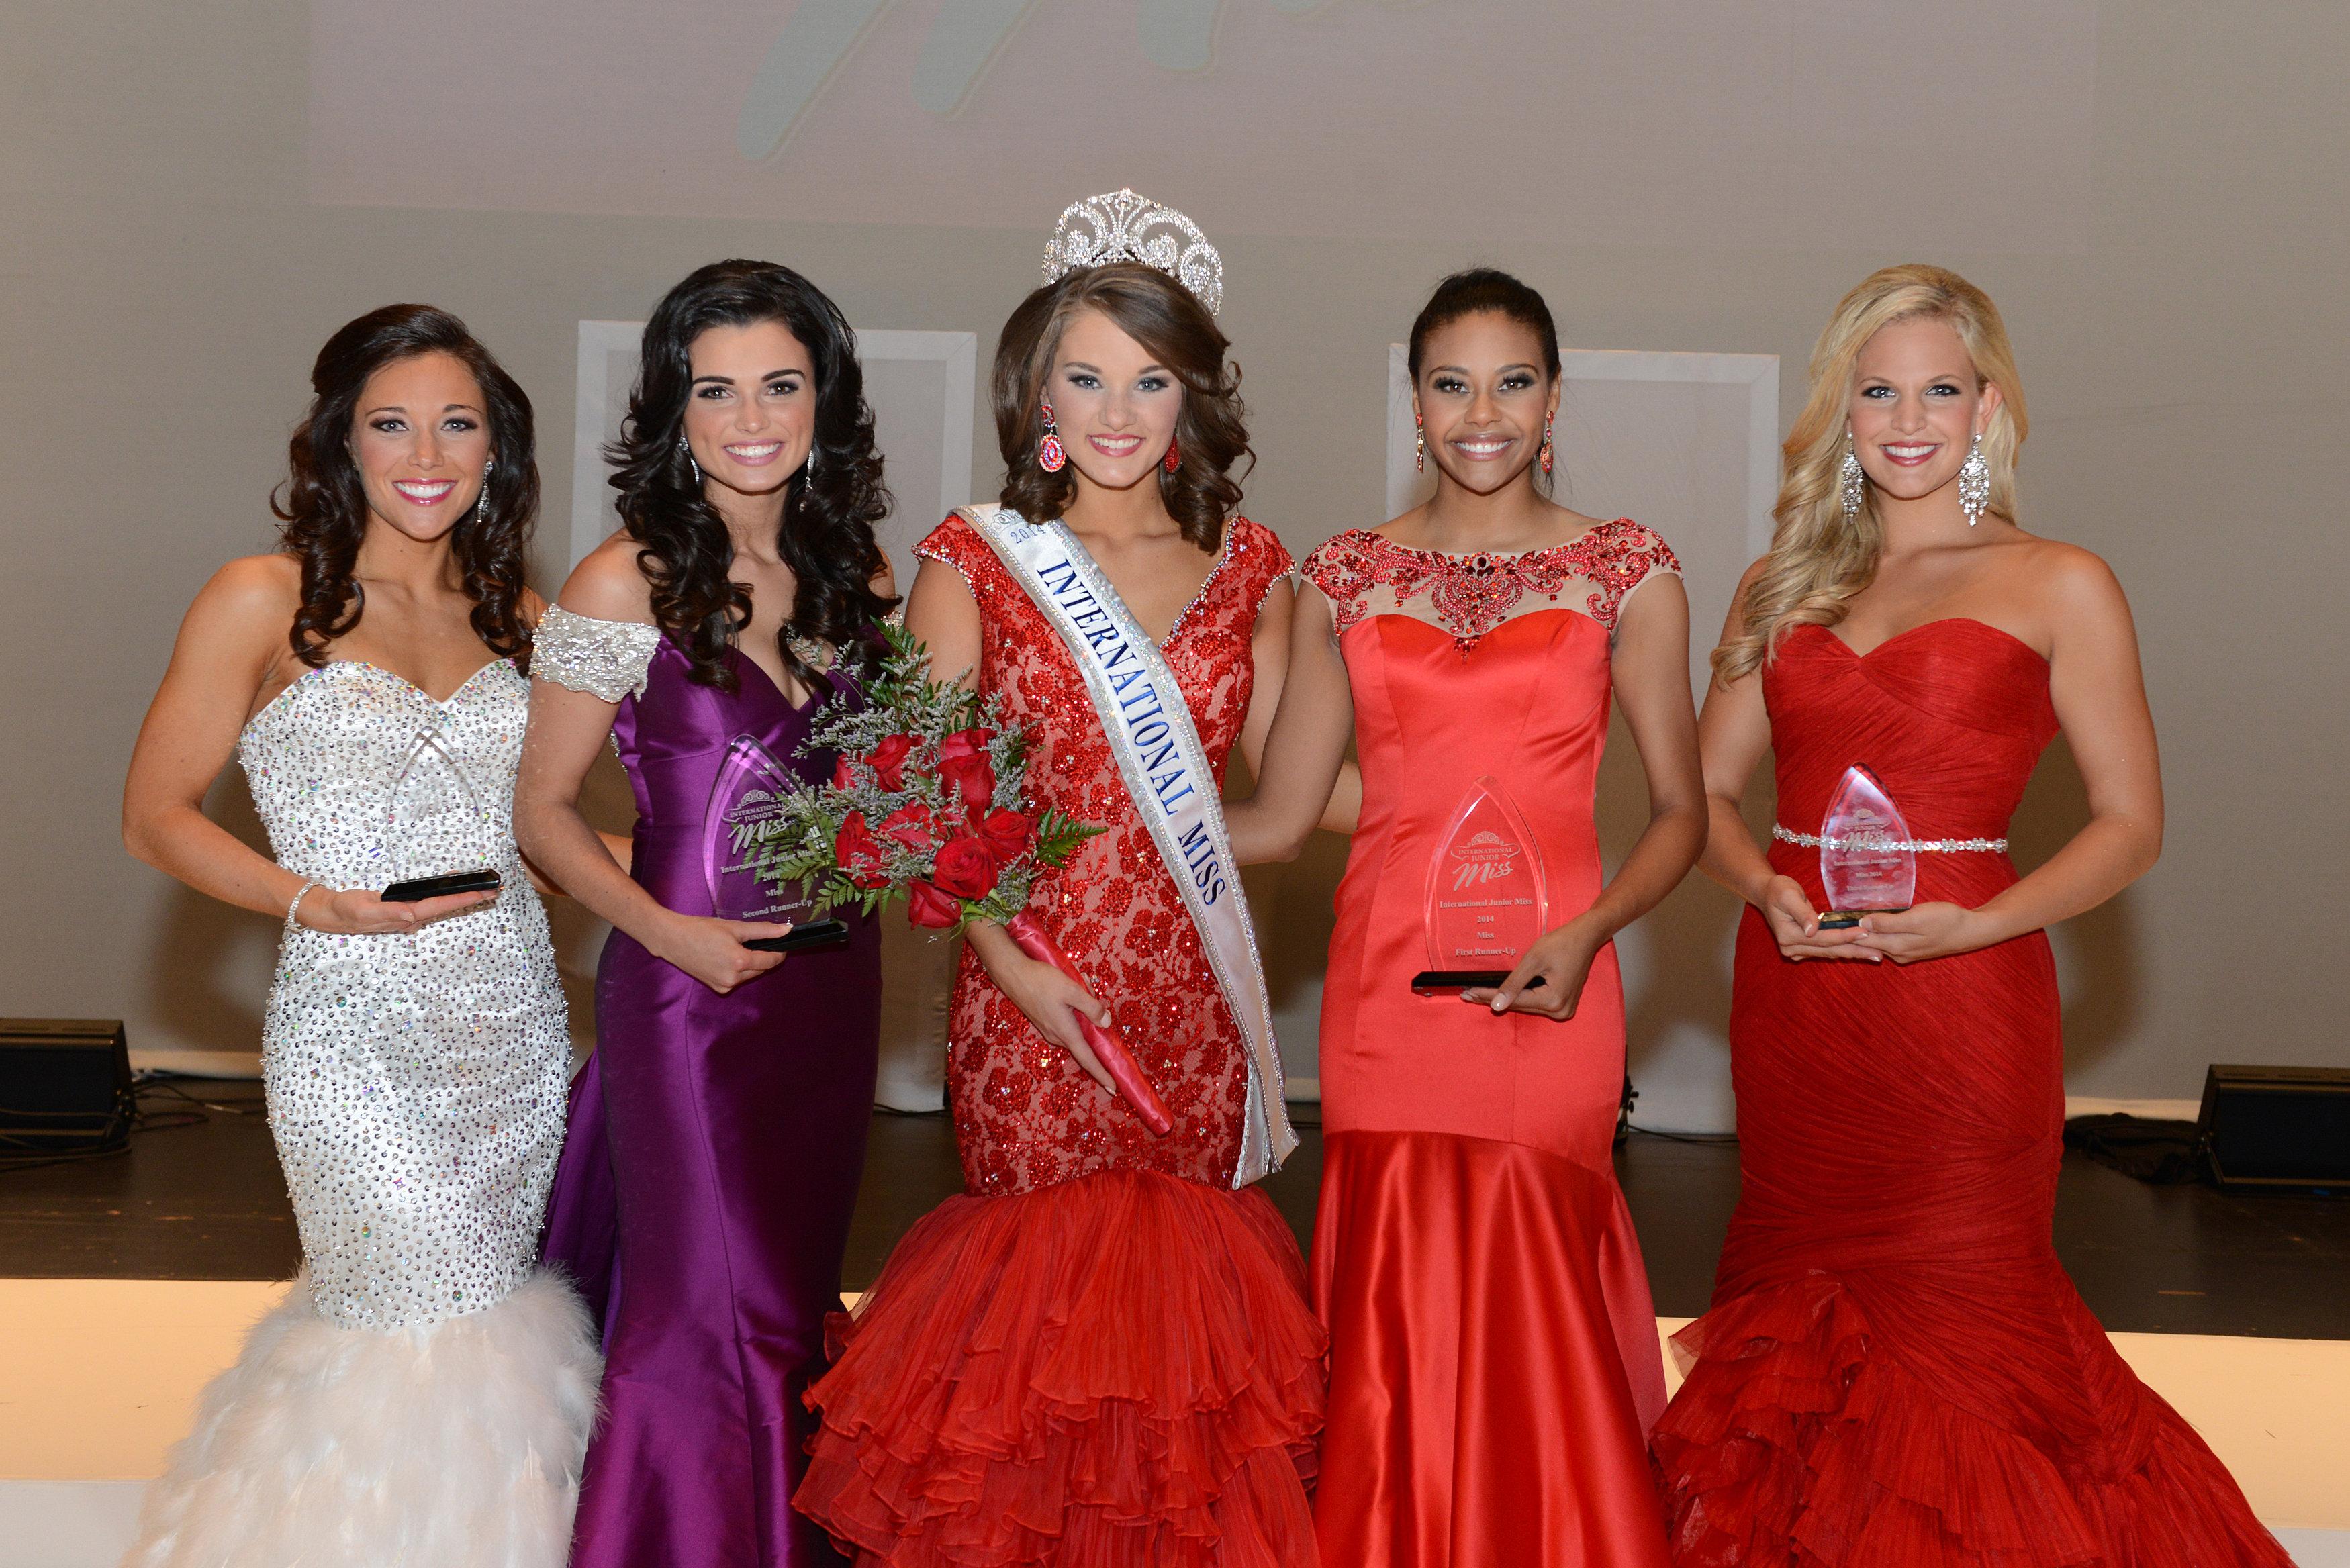 2014 Miss Court